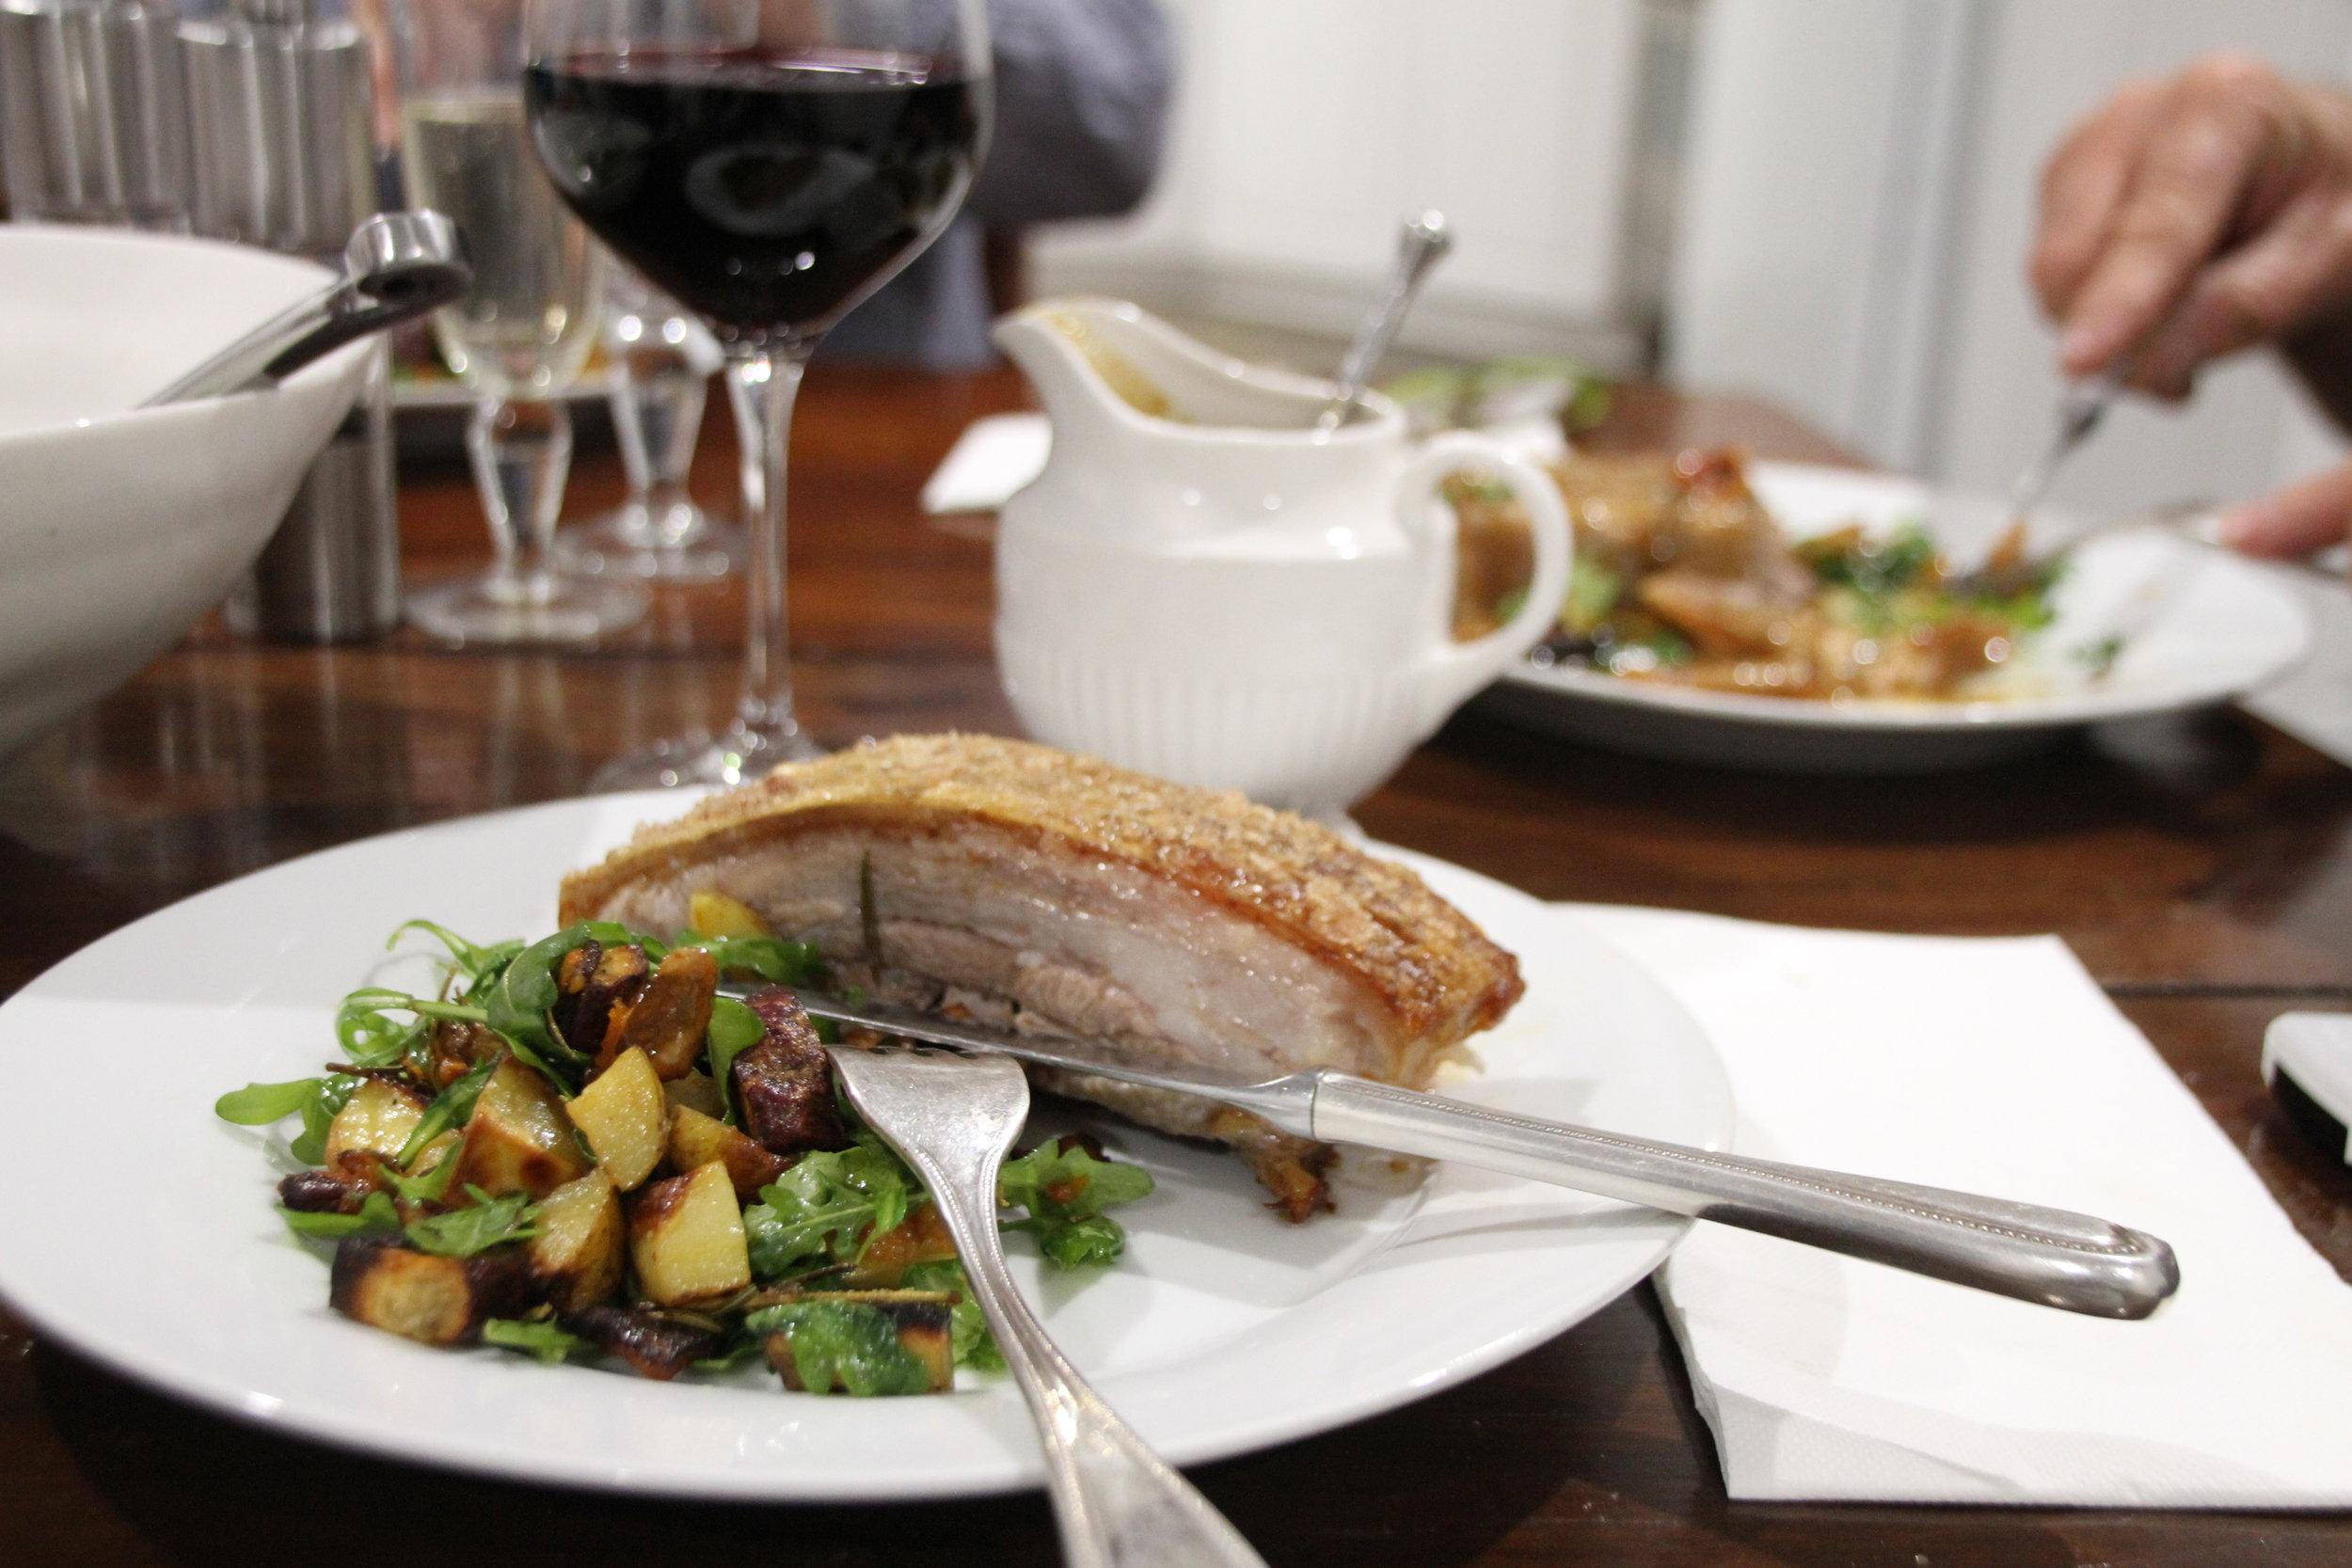 Pork belly served & roast vegetable salad.